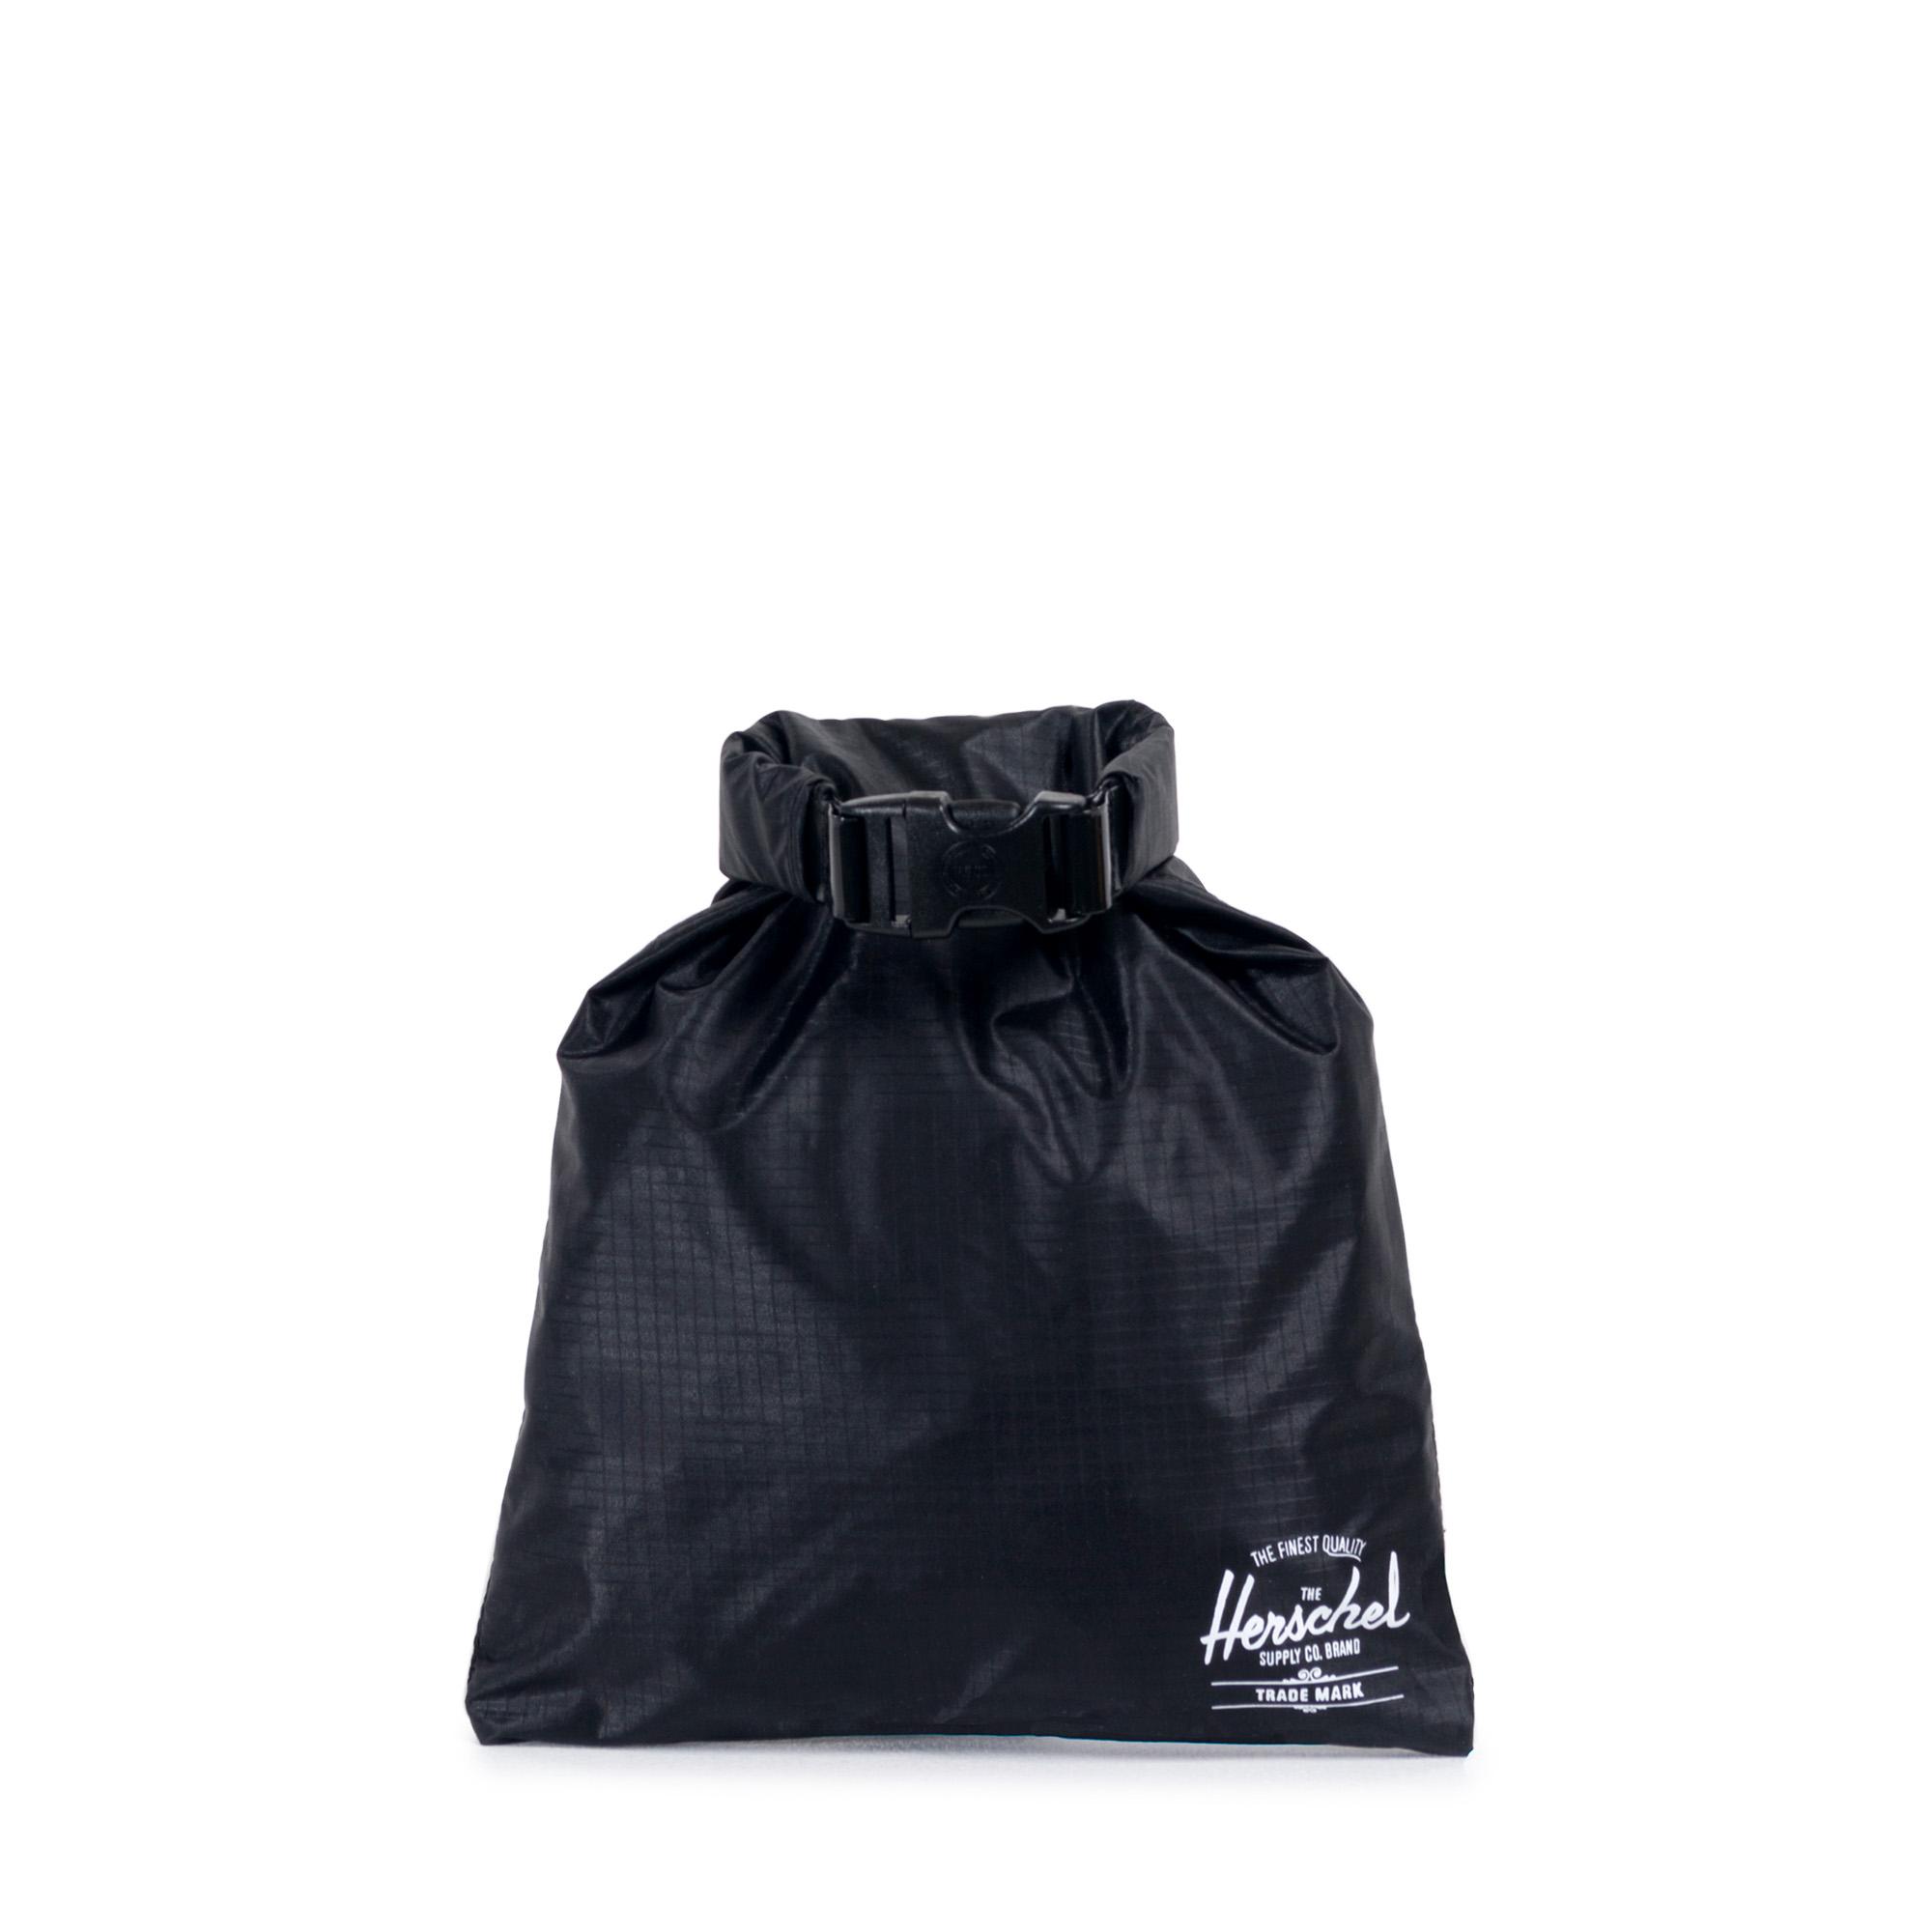 7421aa888d8 Dry Bag